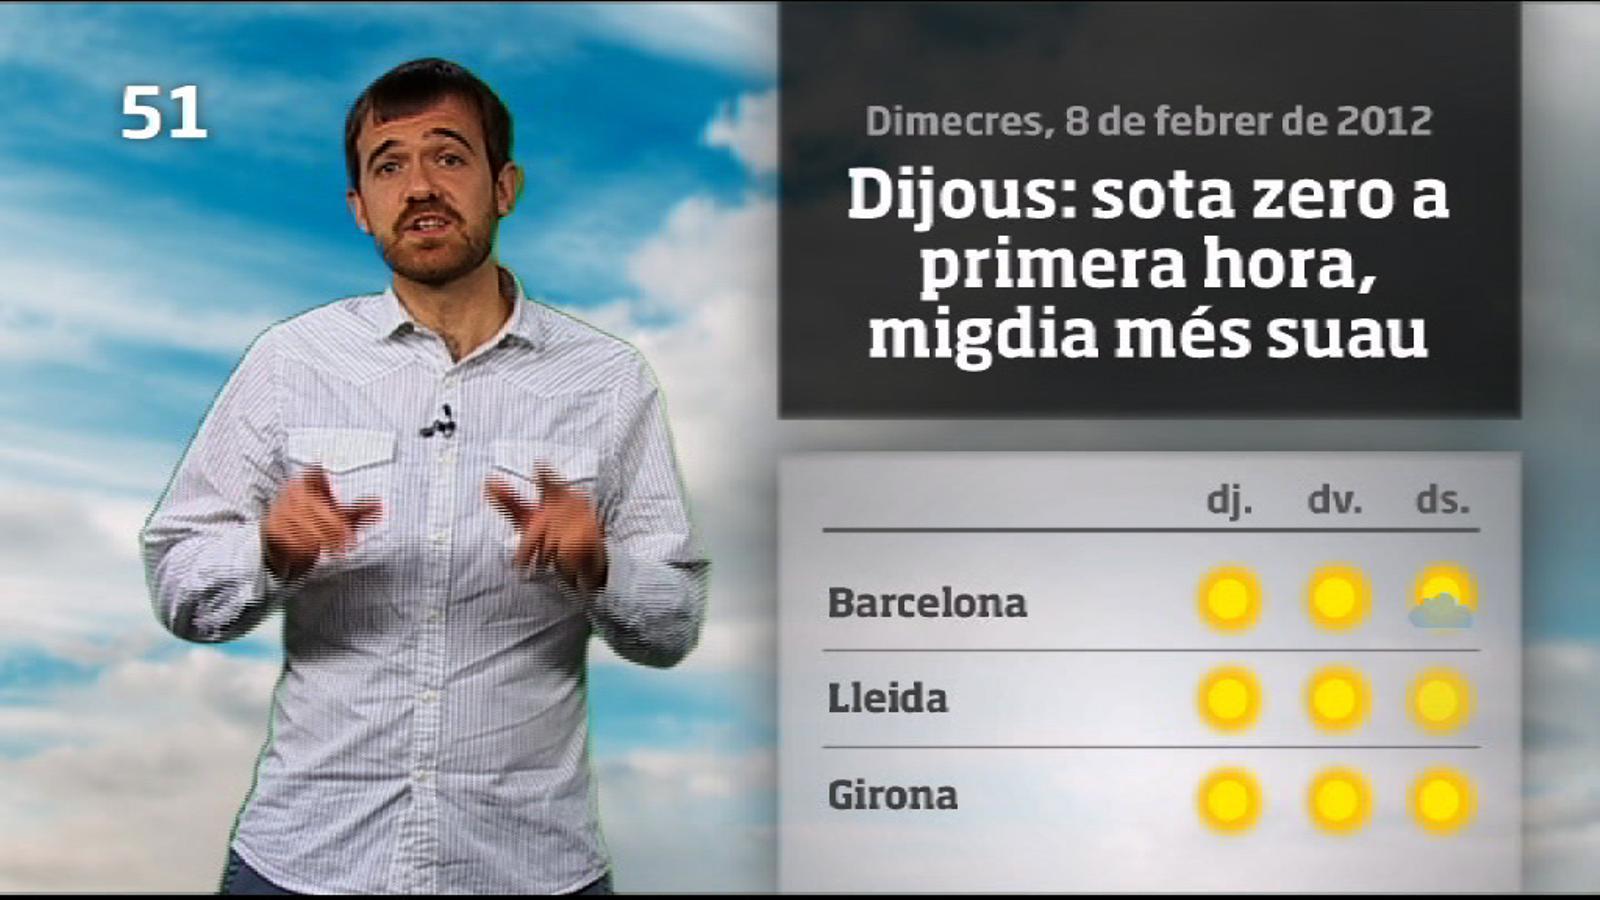 La méteo en 1 minut: sota zero al matí, migdia més suau (09/02/2012)